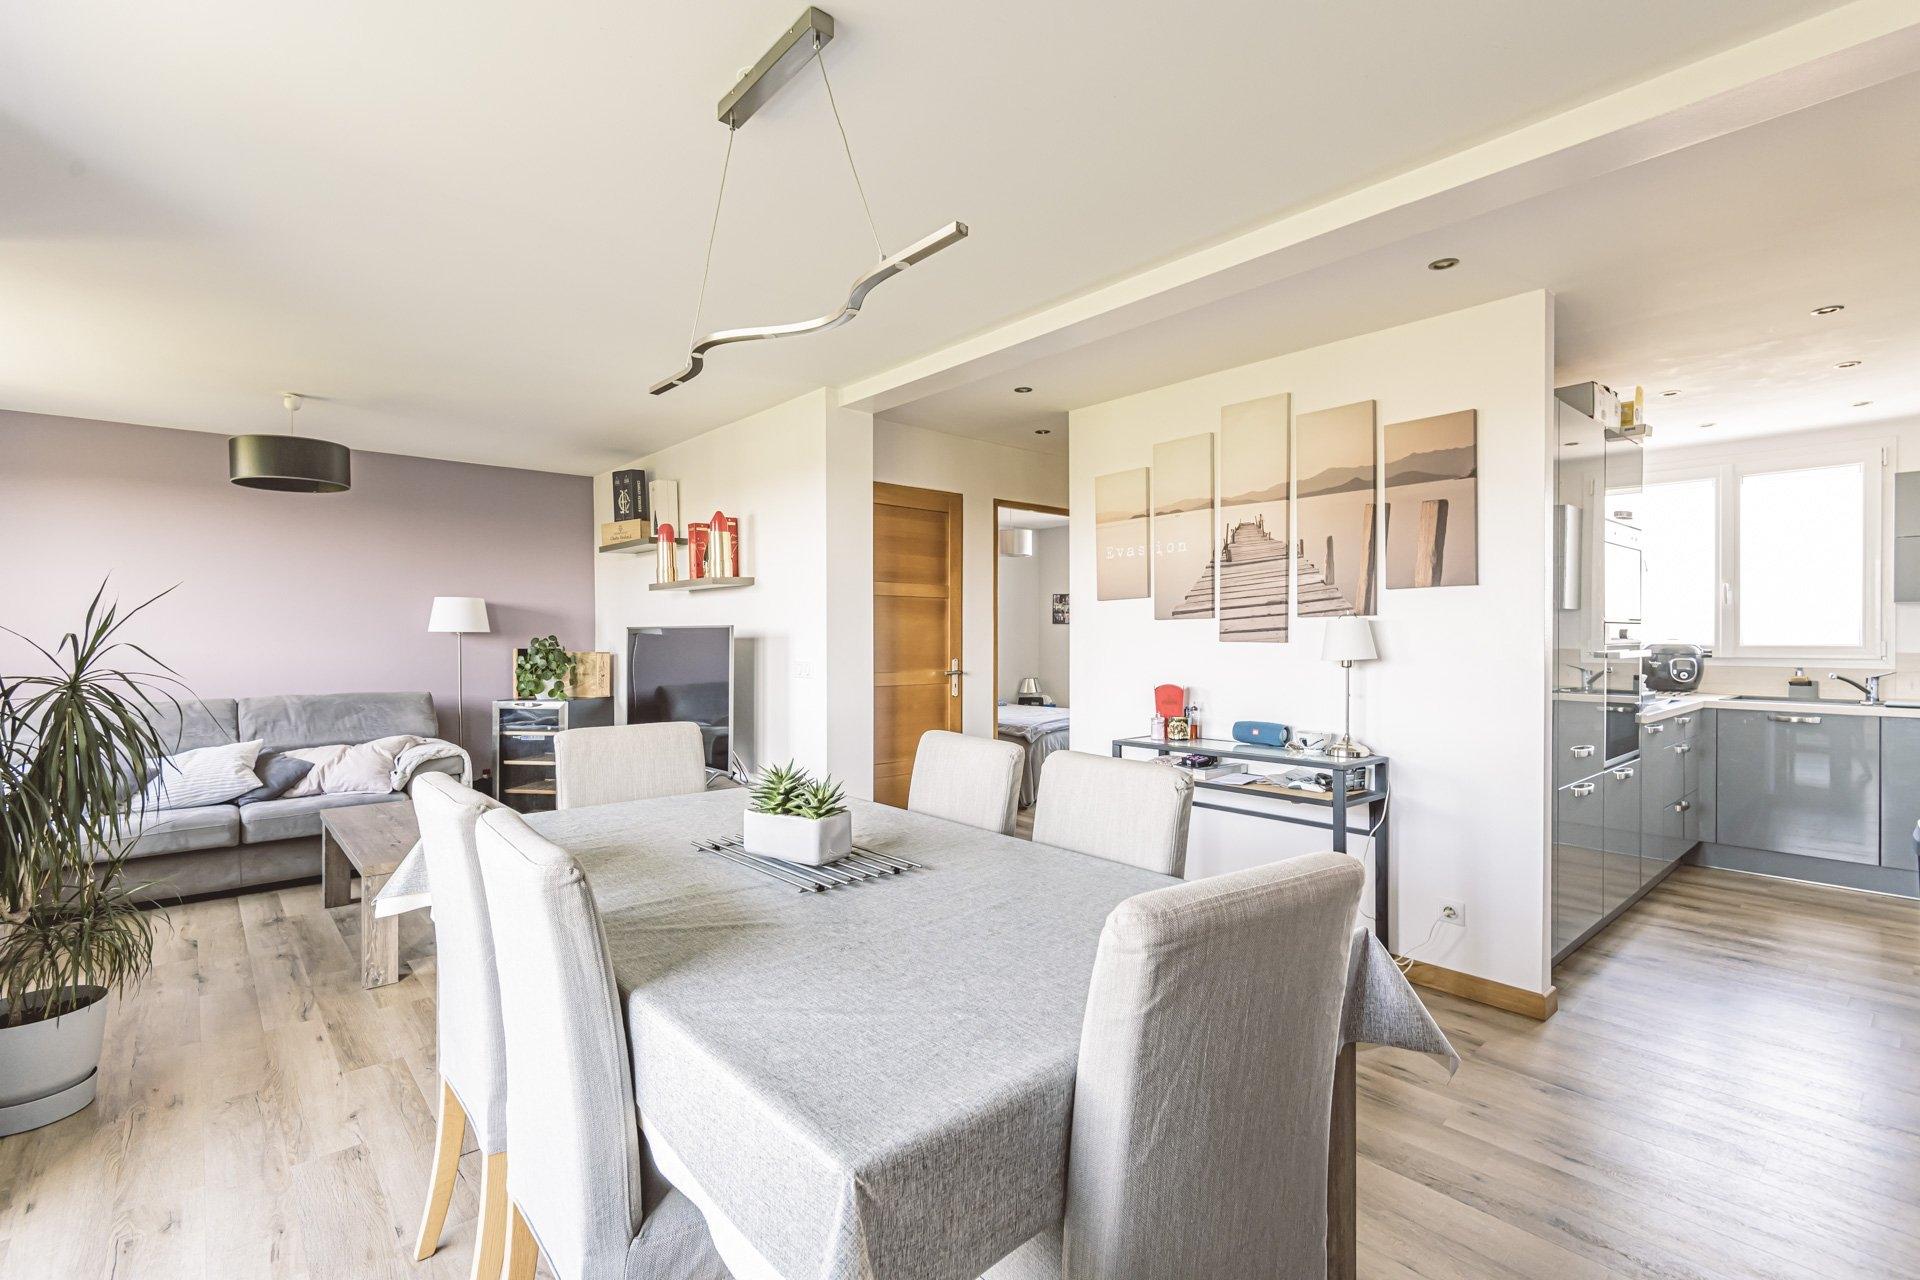 Appartement Tinqueux 4 Pièces 61.88 m2 - Balcon - 3